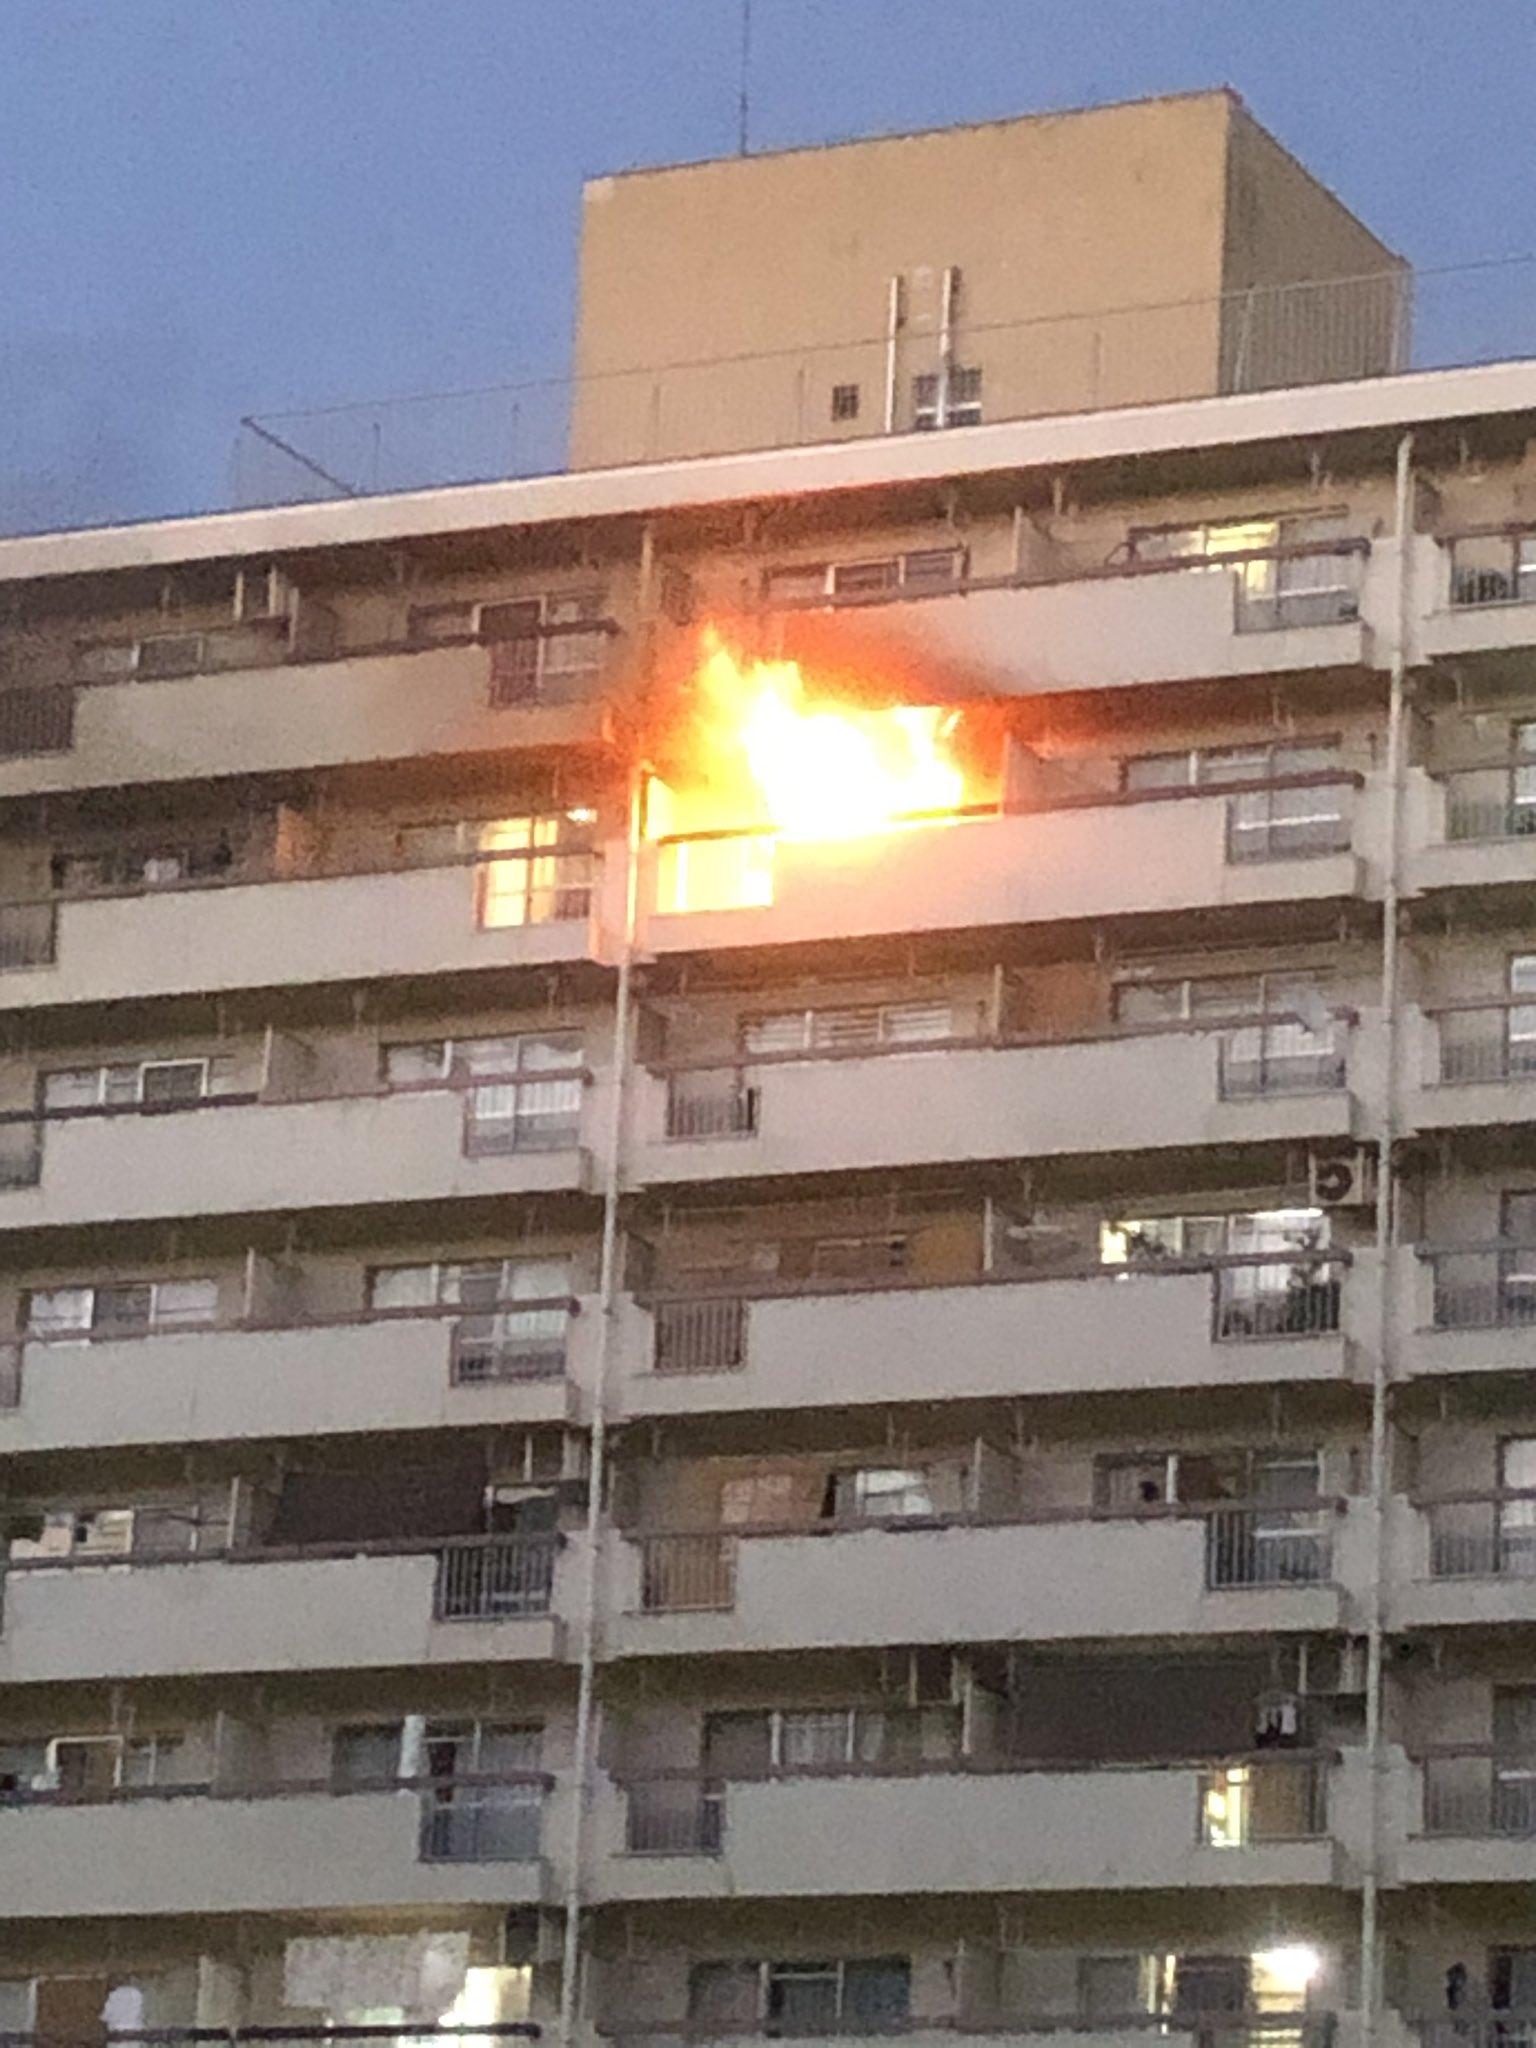 板橋区高島平の団地で火事が起きている画像